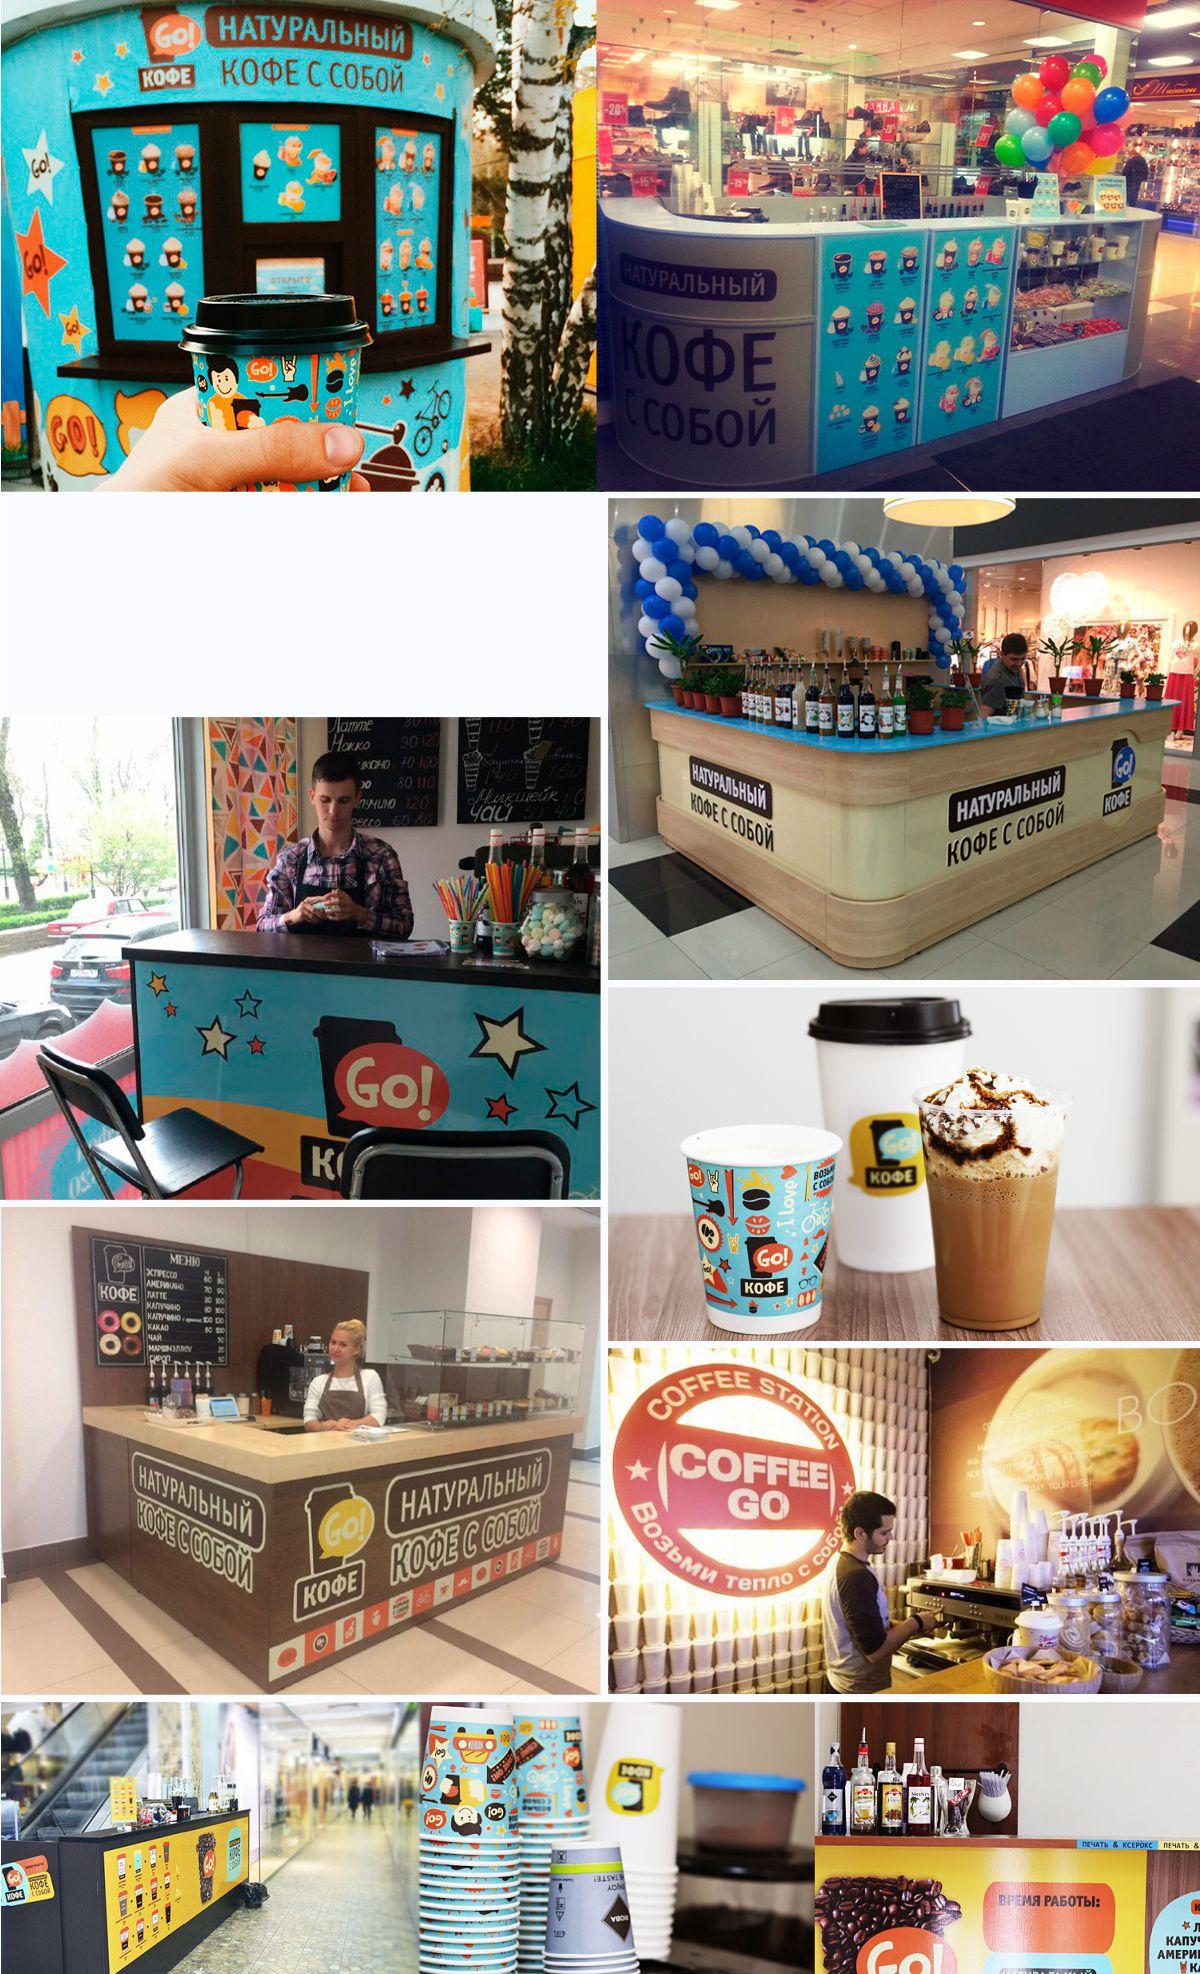 дизайн кофейни кофе GO